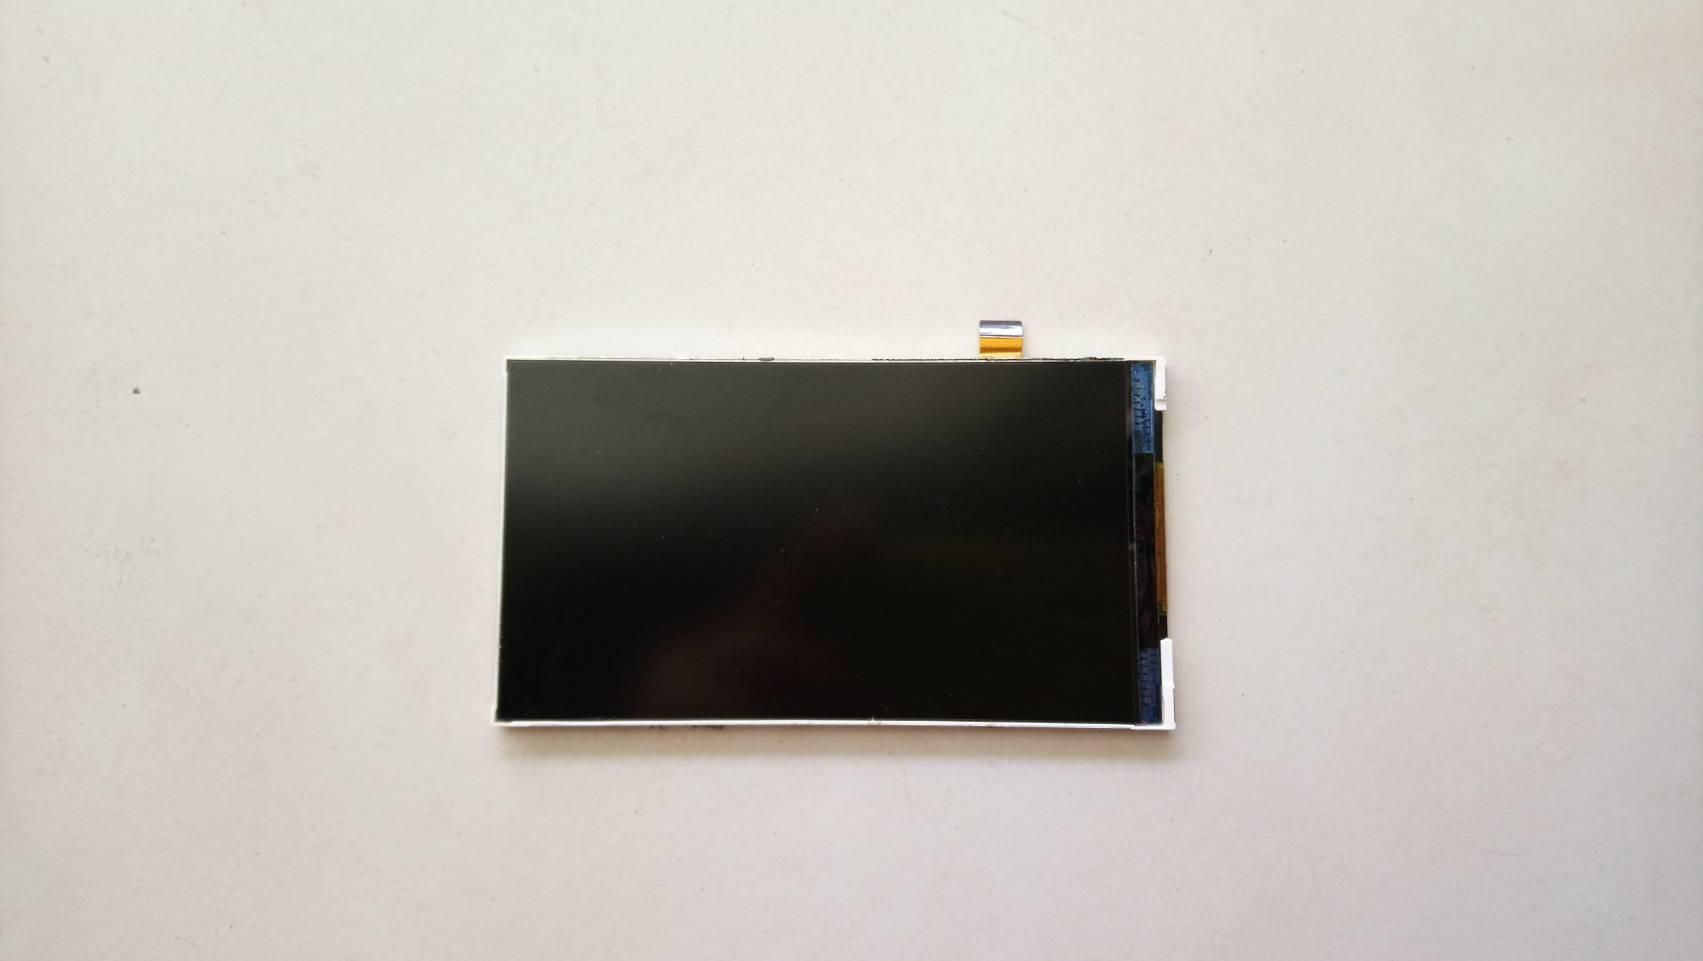 จอแท้ LCD Lenovo A680 มือสอง